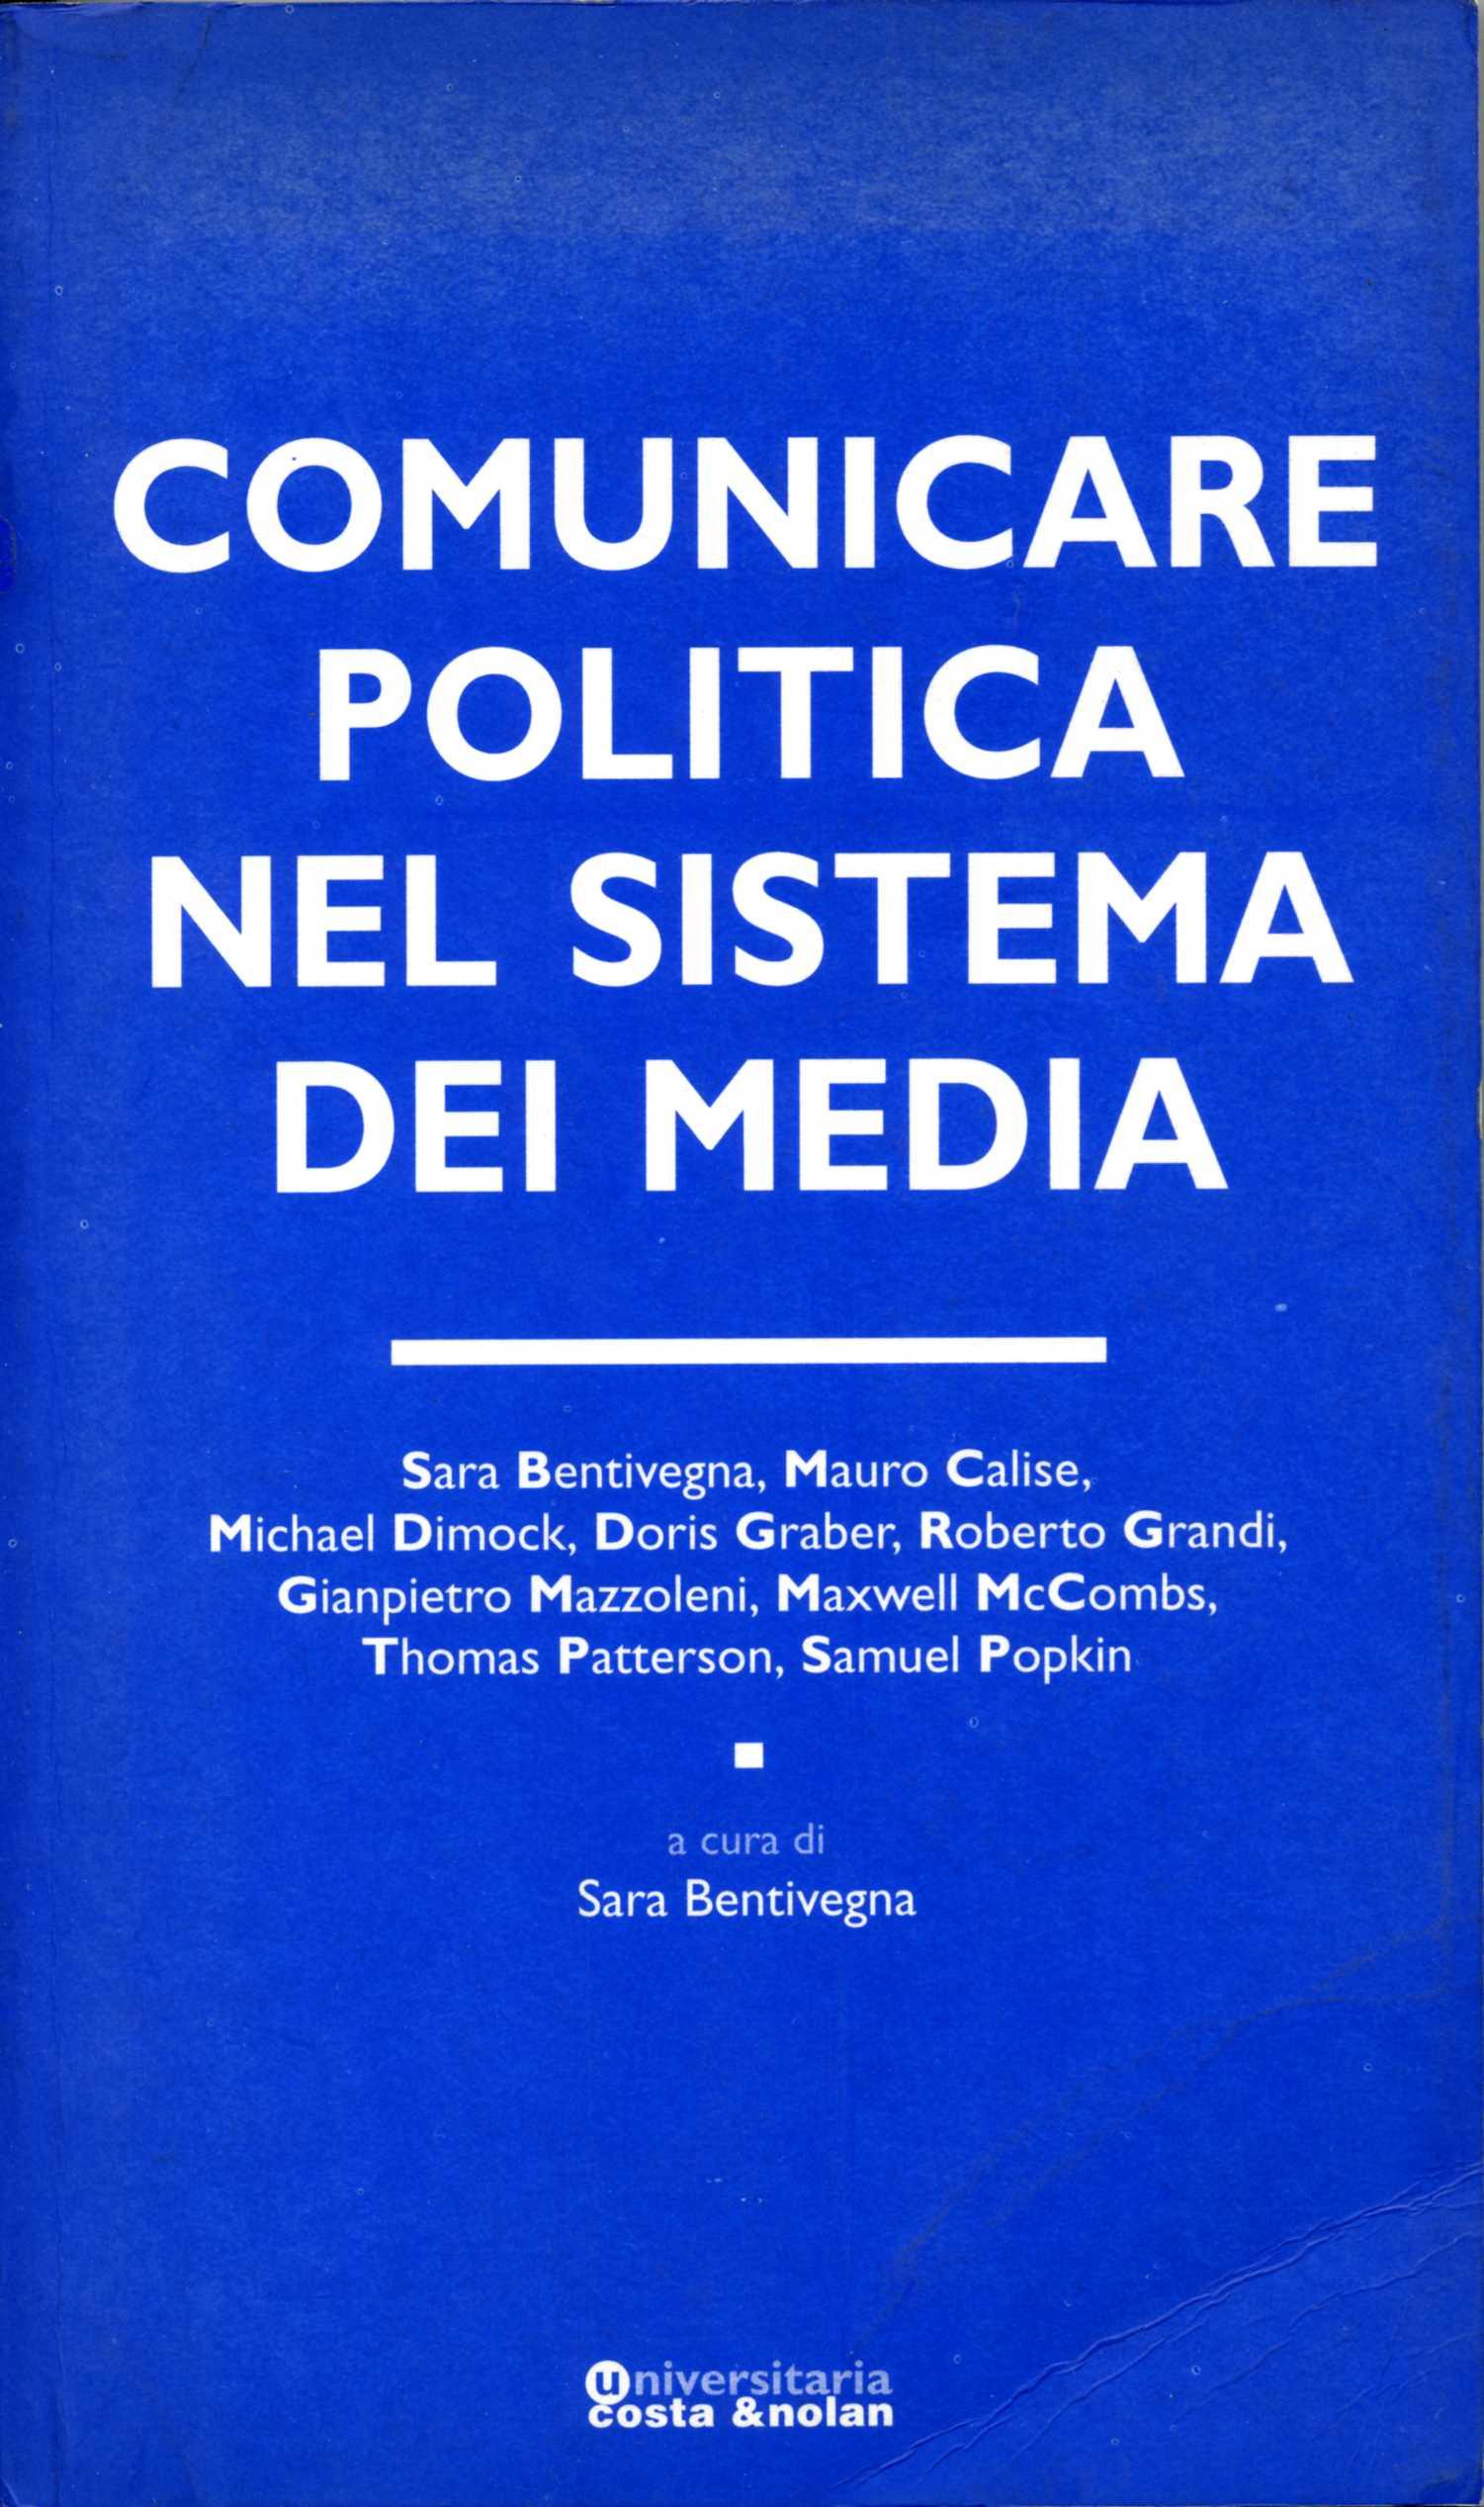 Comunicare politica ...